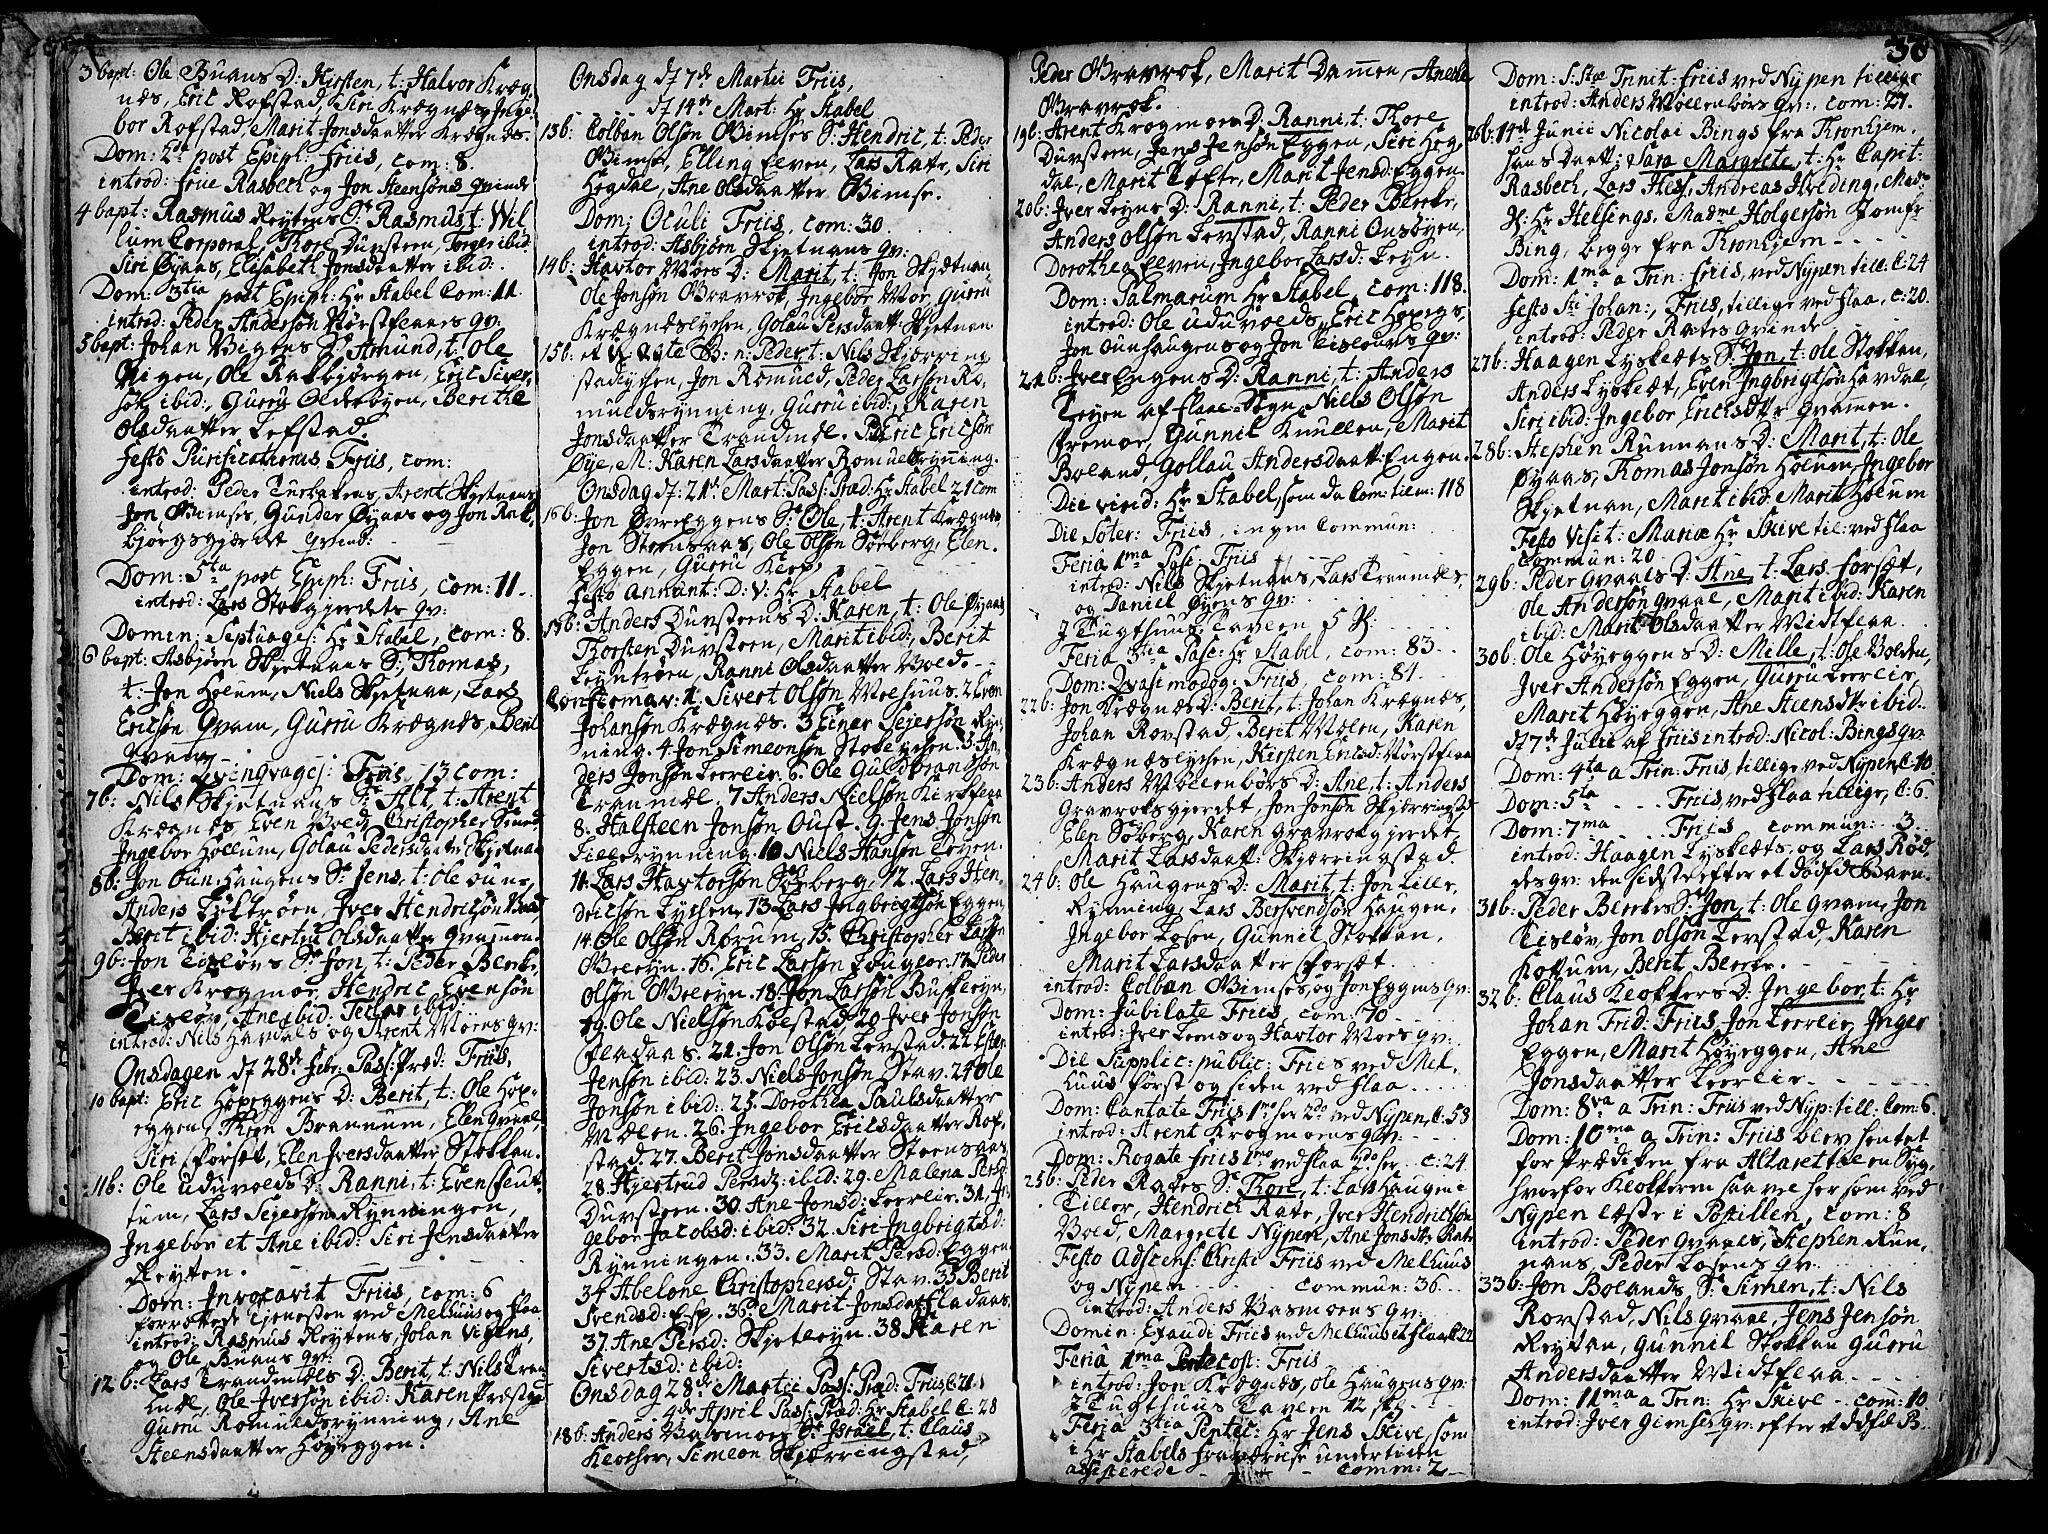 SAT, Ministerialprotokoller, klokkerbøker og fødselsregistre - Sør-Trøndelag, 691/L1057: Ministerialbok nr. 691A01 /1, 1740-1767, s. 38